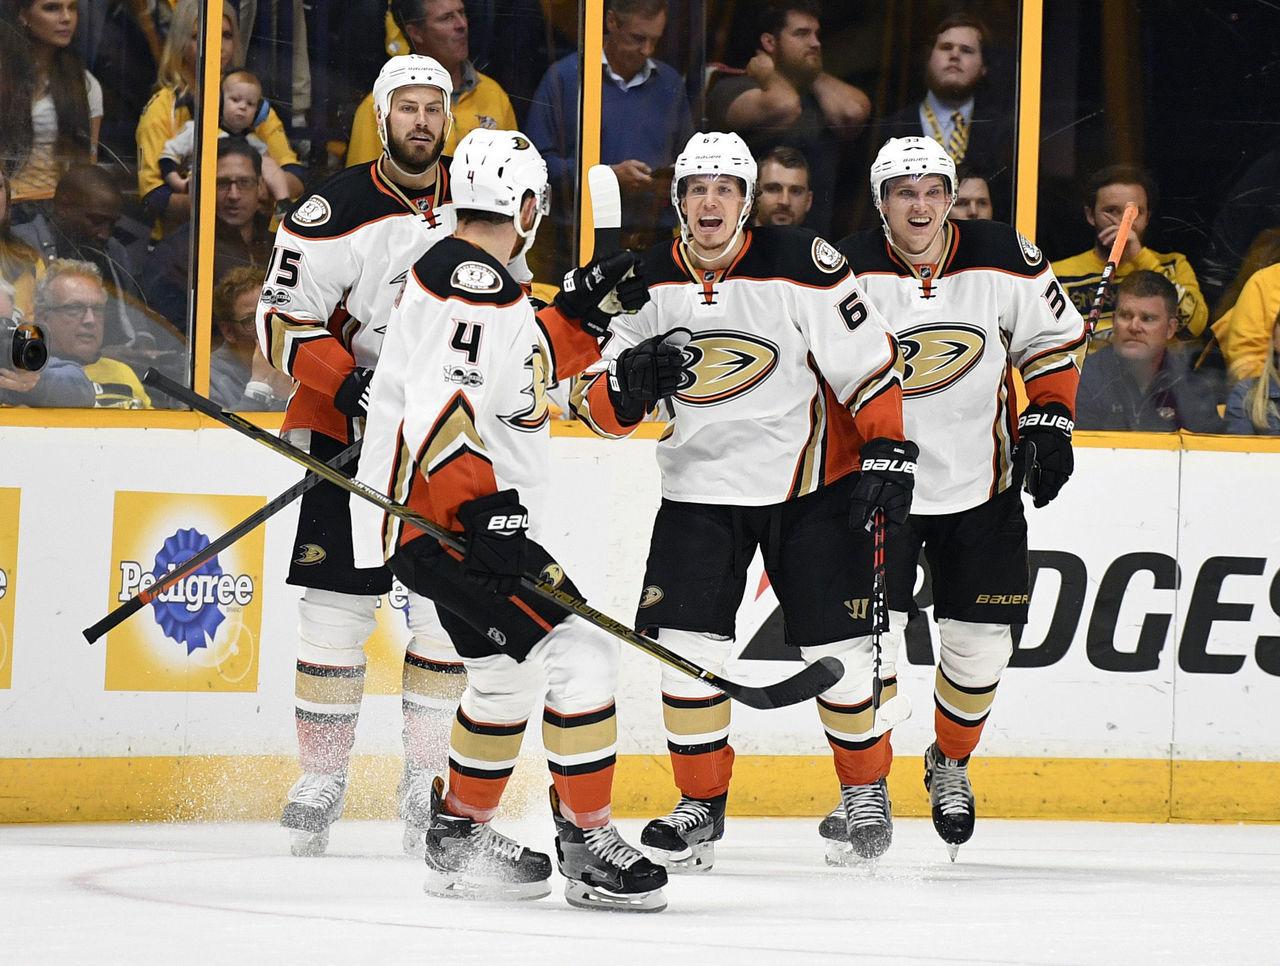 Cropped 2017 05 19t003955z 38312534 nocid rtrmadp 3 nhl stanley cup playoffs anaheim ducks at nashville predators